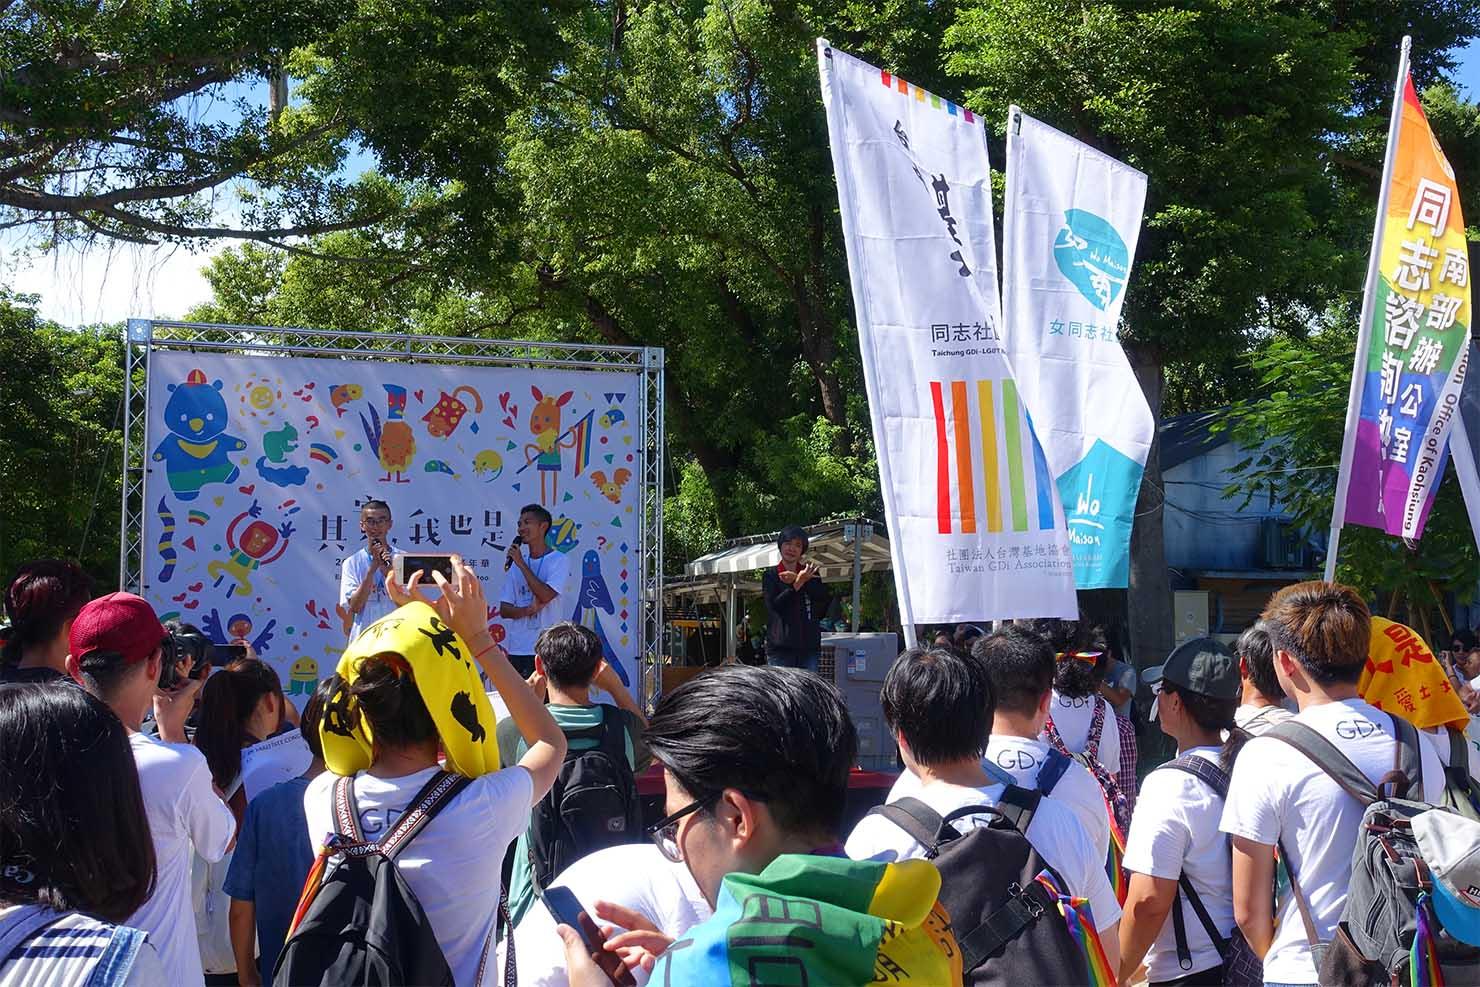 台湾東部のLGBTプライド「花東彩虹嘉年華」台東会場のステージで開幕スピーチに耳を傾ける参加者たち